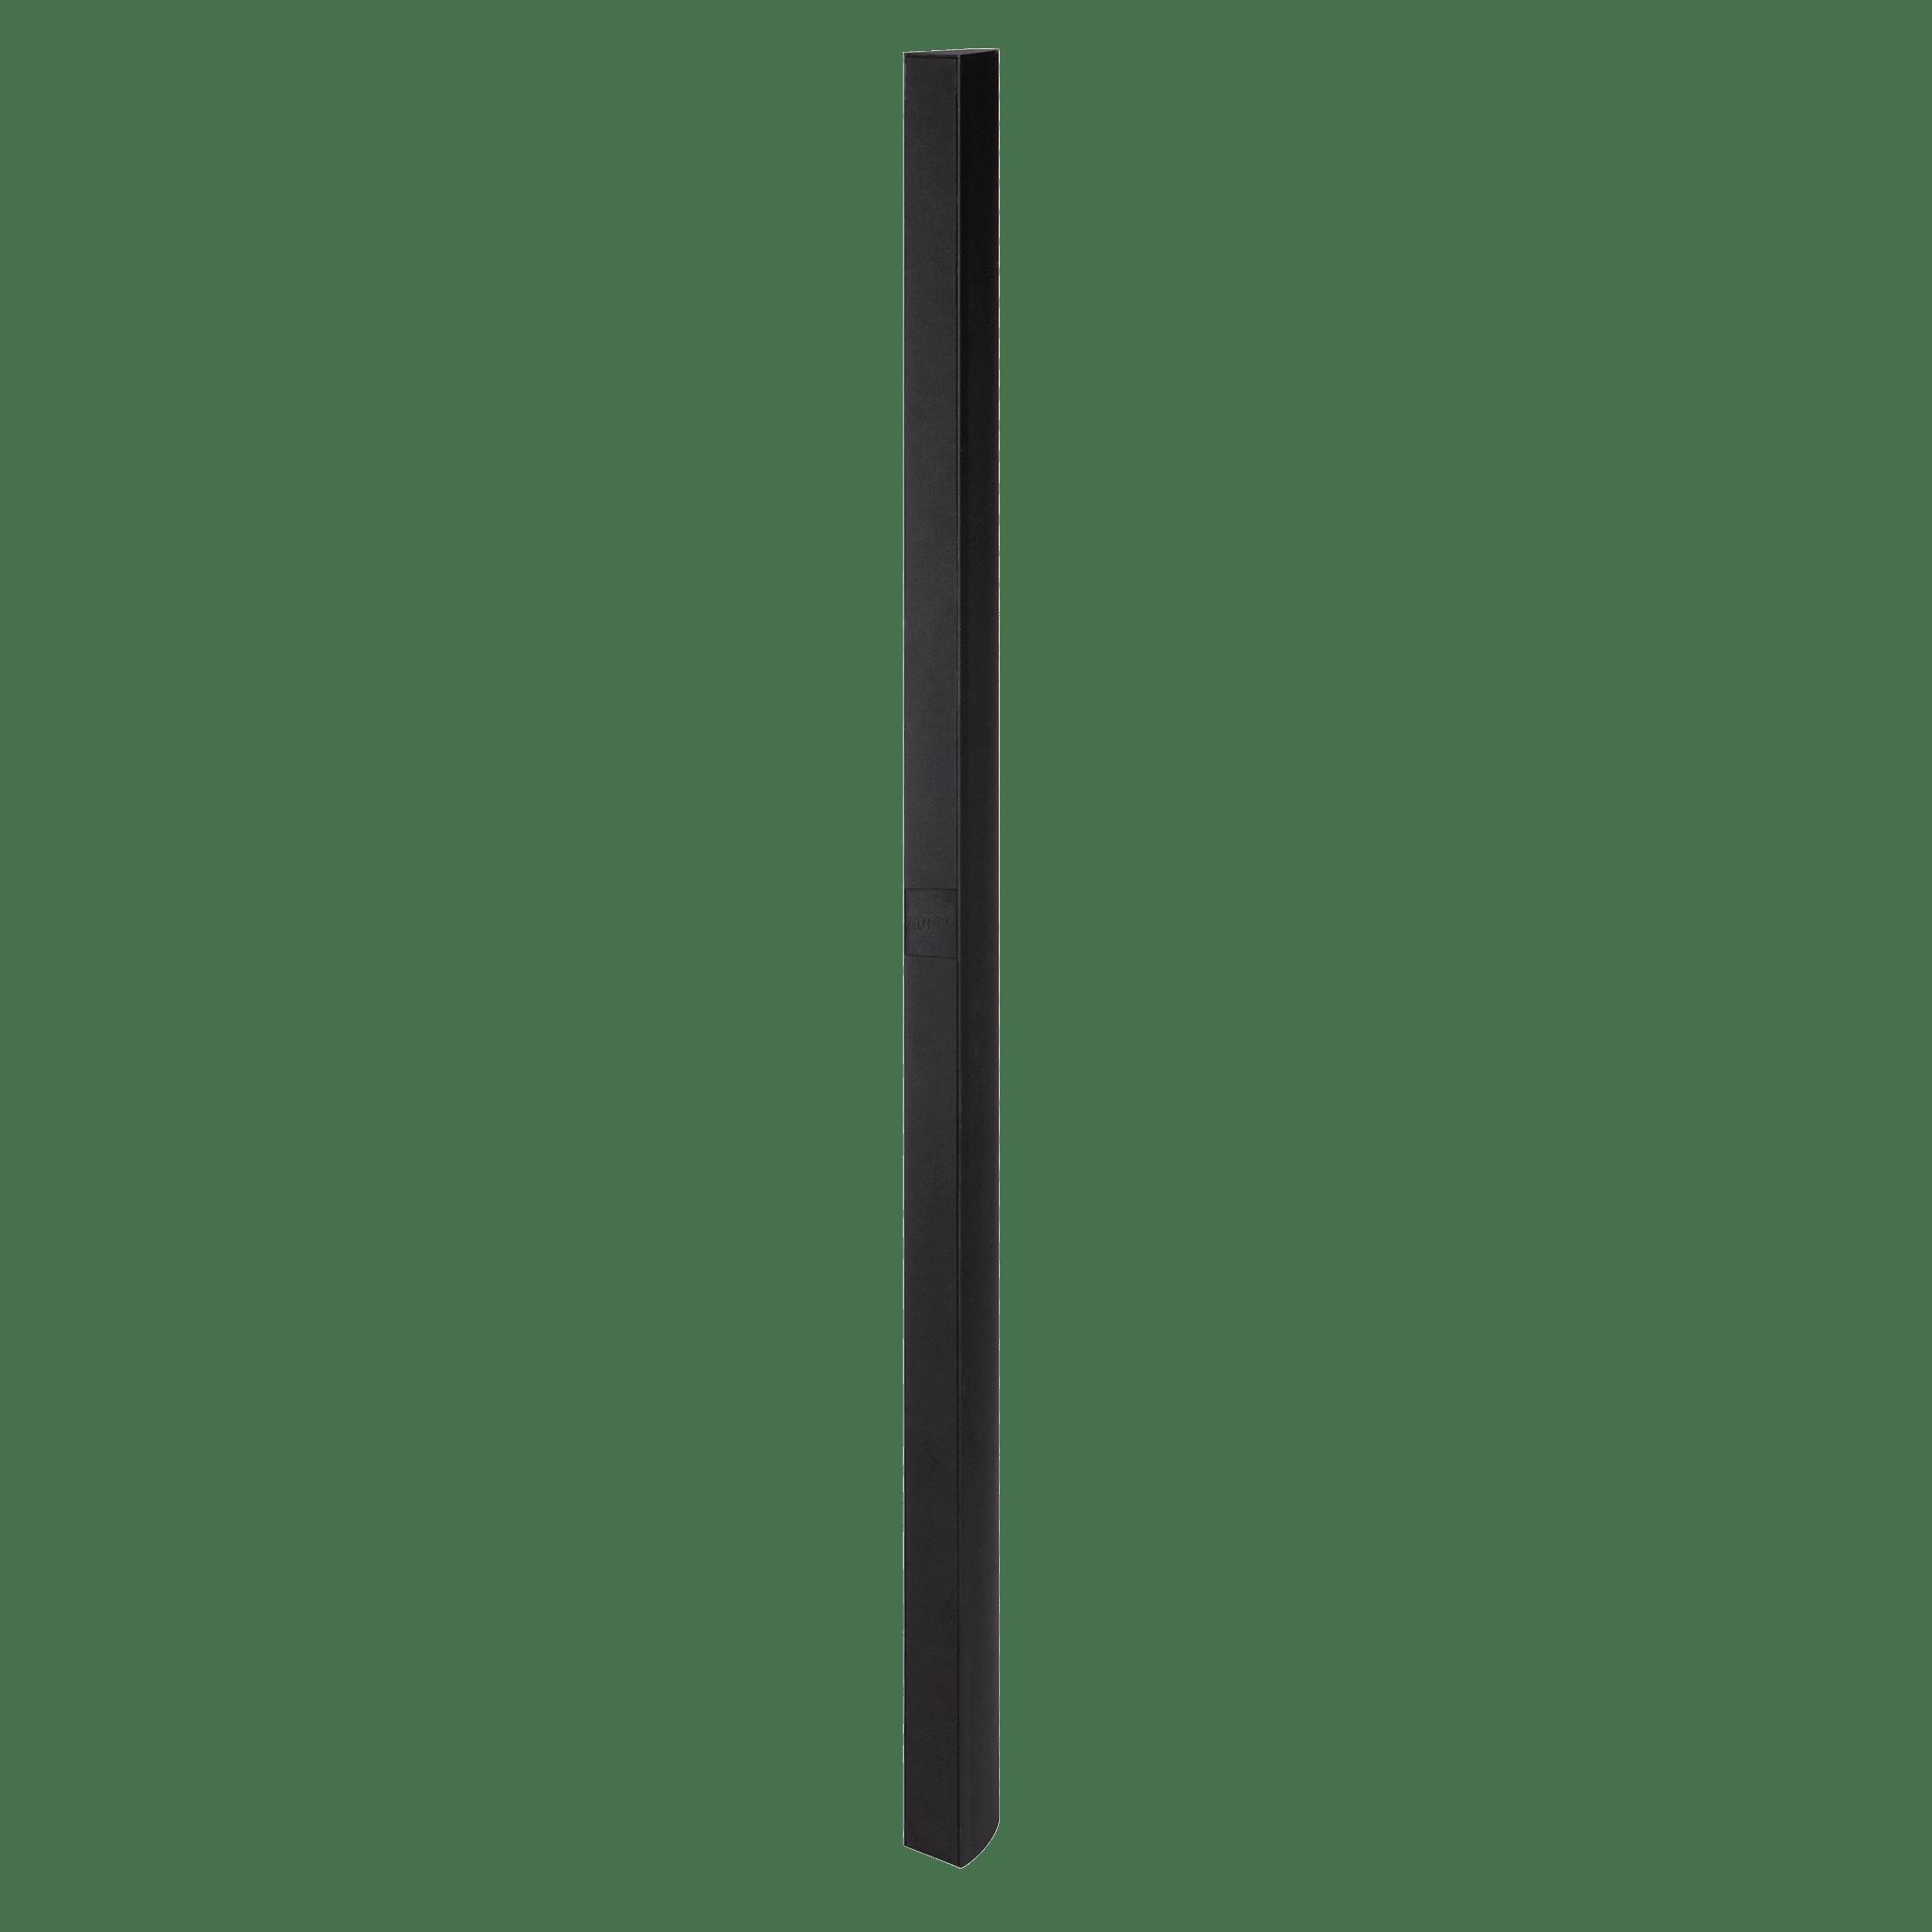 GIAX/B - Black version